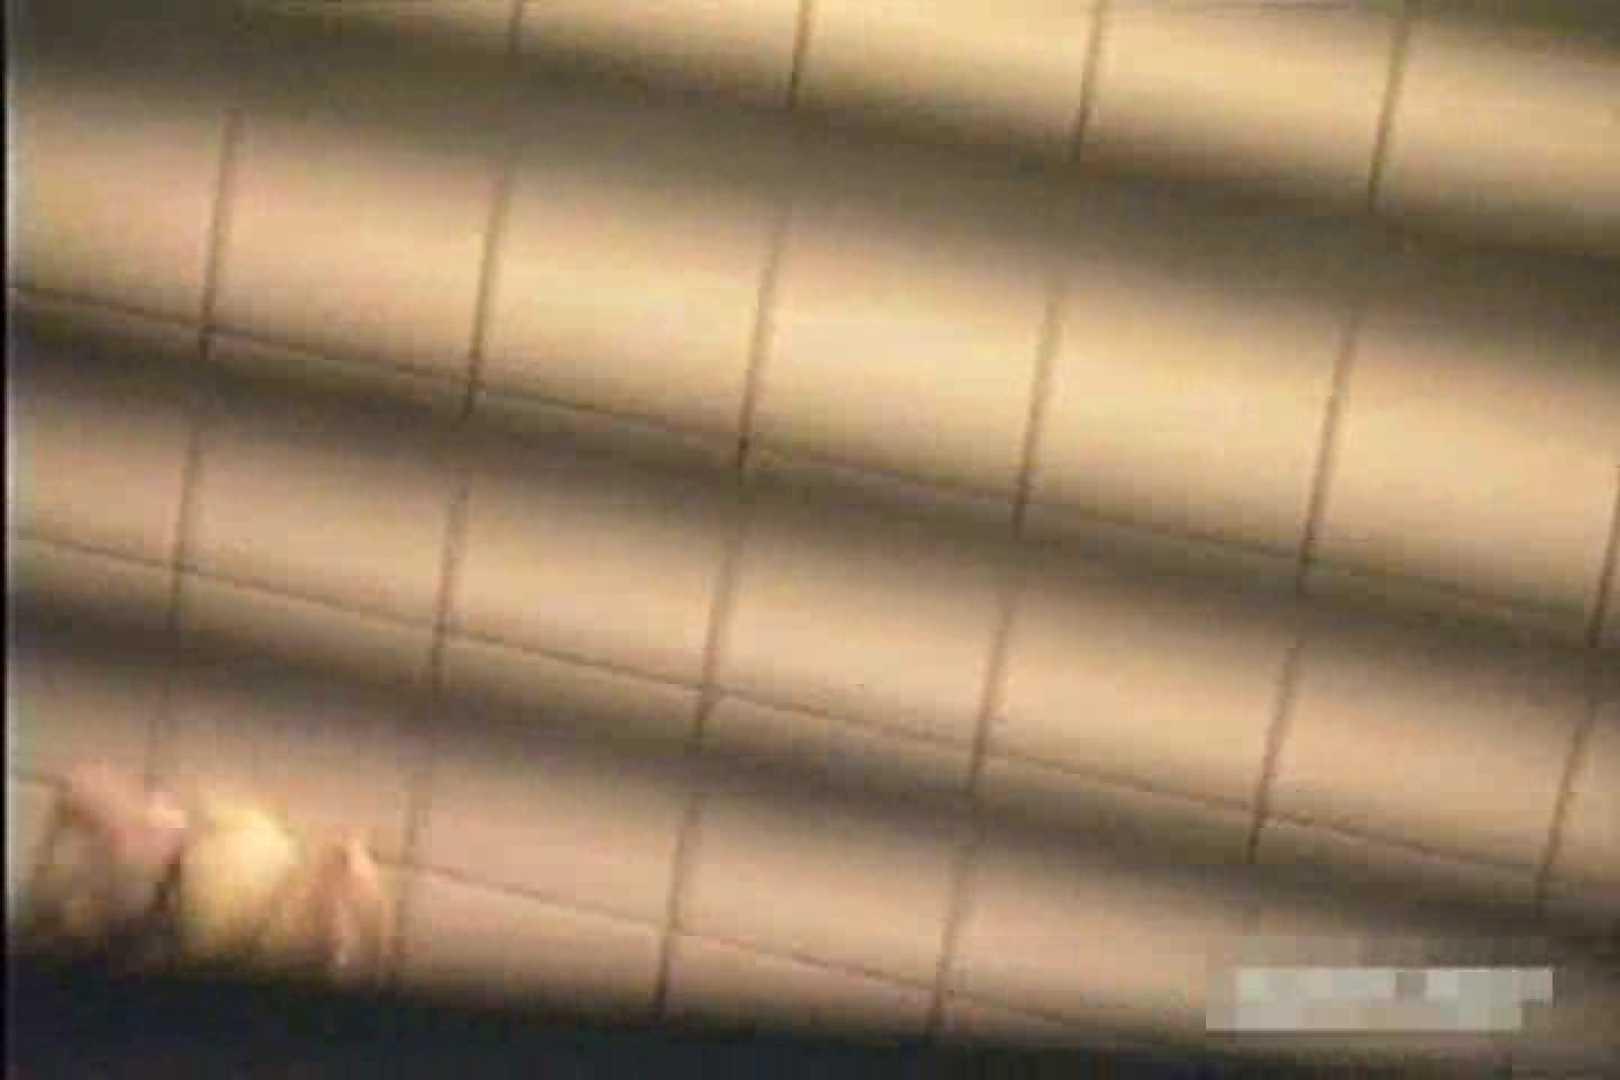 激撮ストーカー記録あなたのお宅拝見しますVol.3 盗撮特集 SEX無修正画像 88画像 39